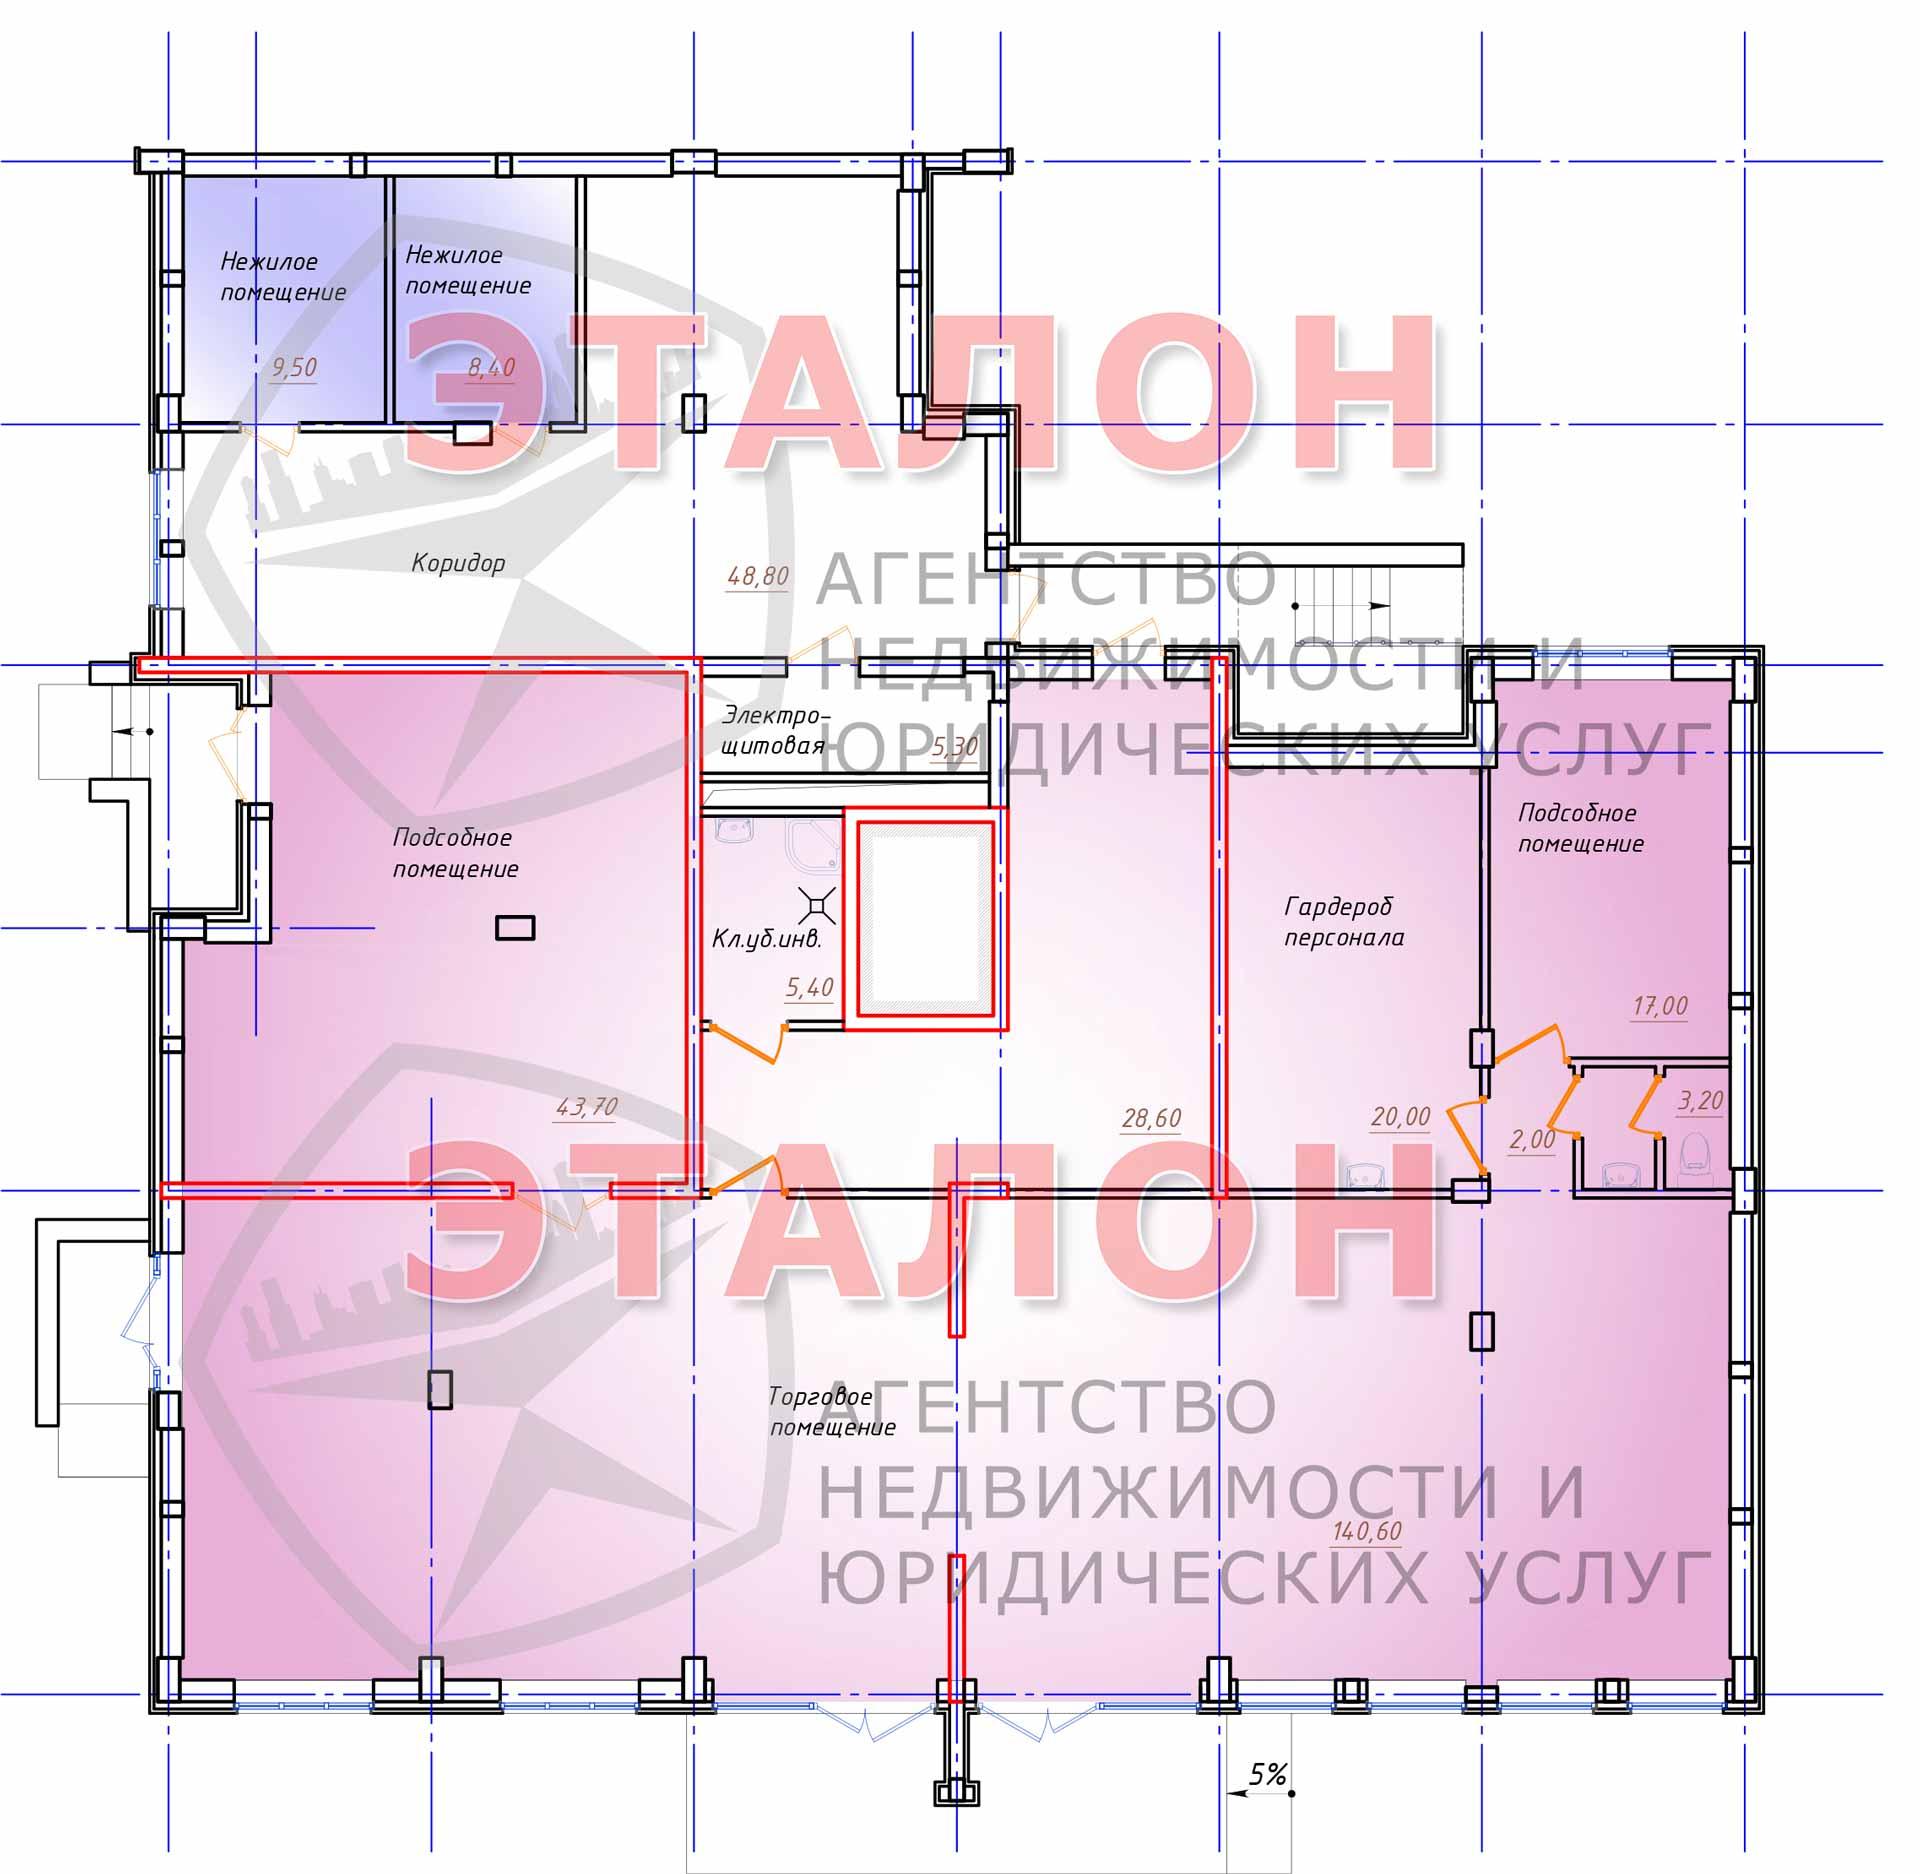 Блок 1. Подъезд 1. План цокольного этажа.